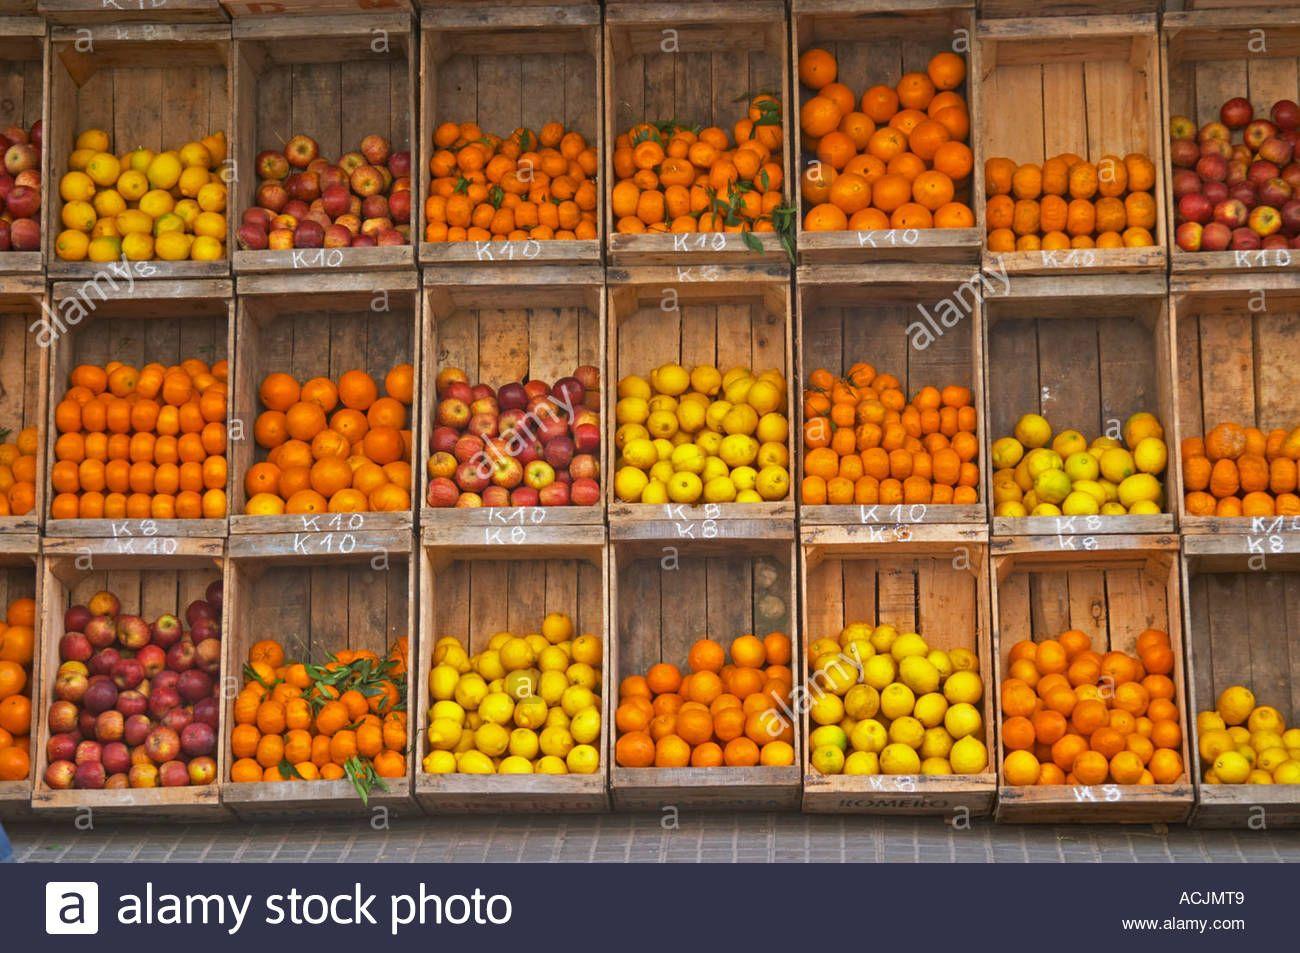 Afbeeldingsresultaat Voor Etalage Fruits Et Legumes Montevideo Fruit Uruguay